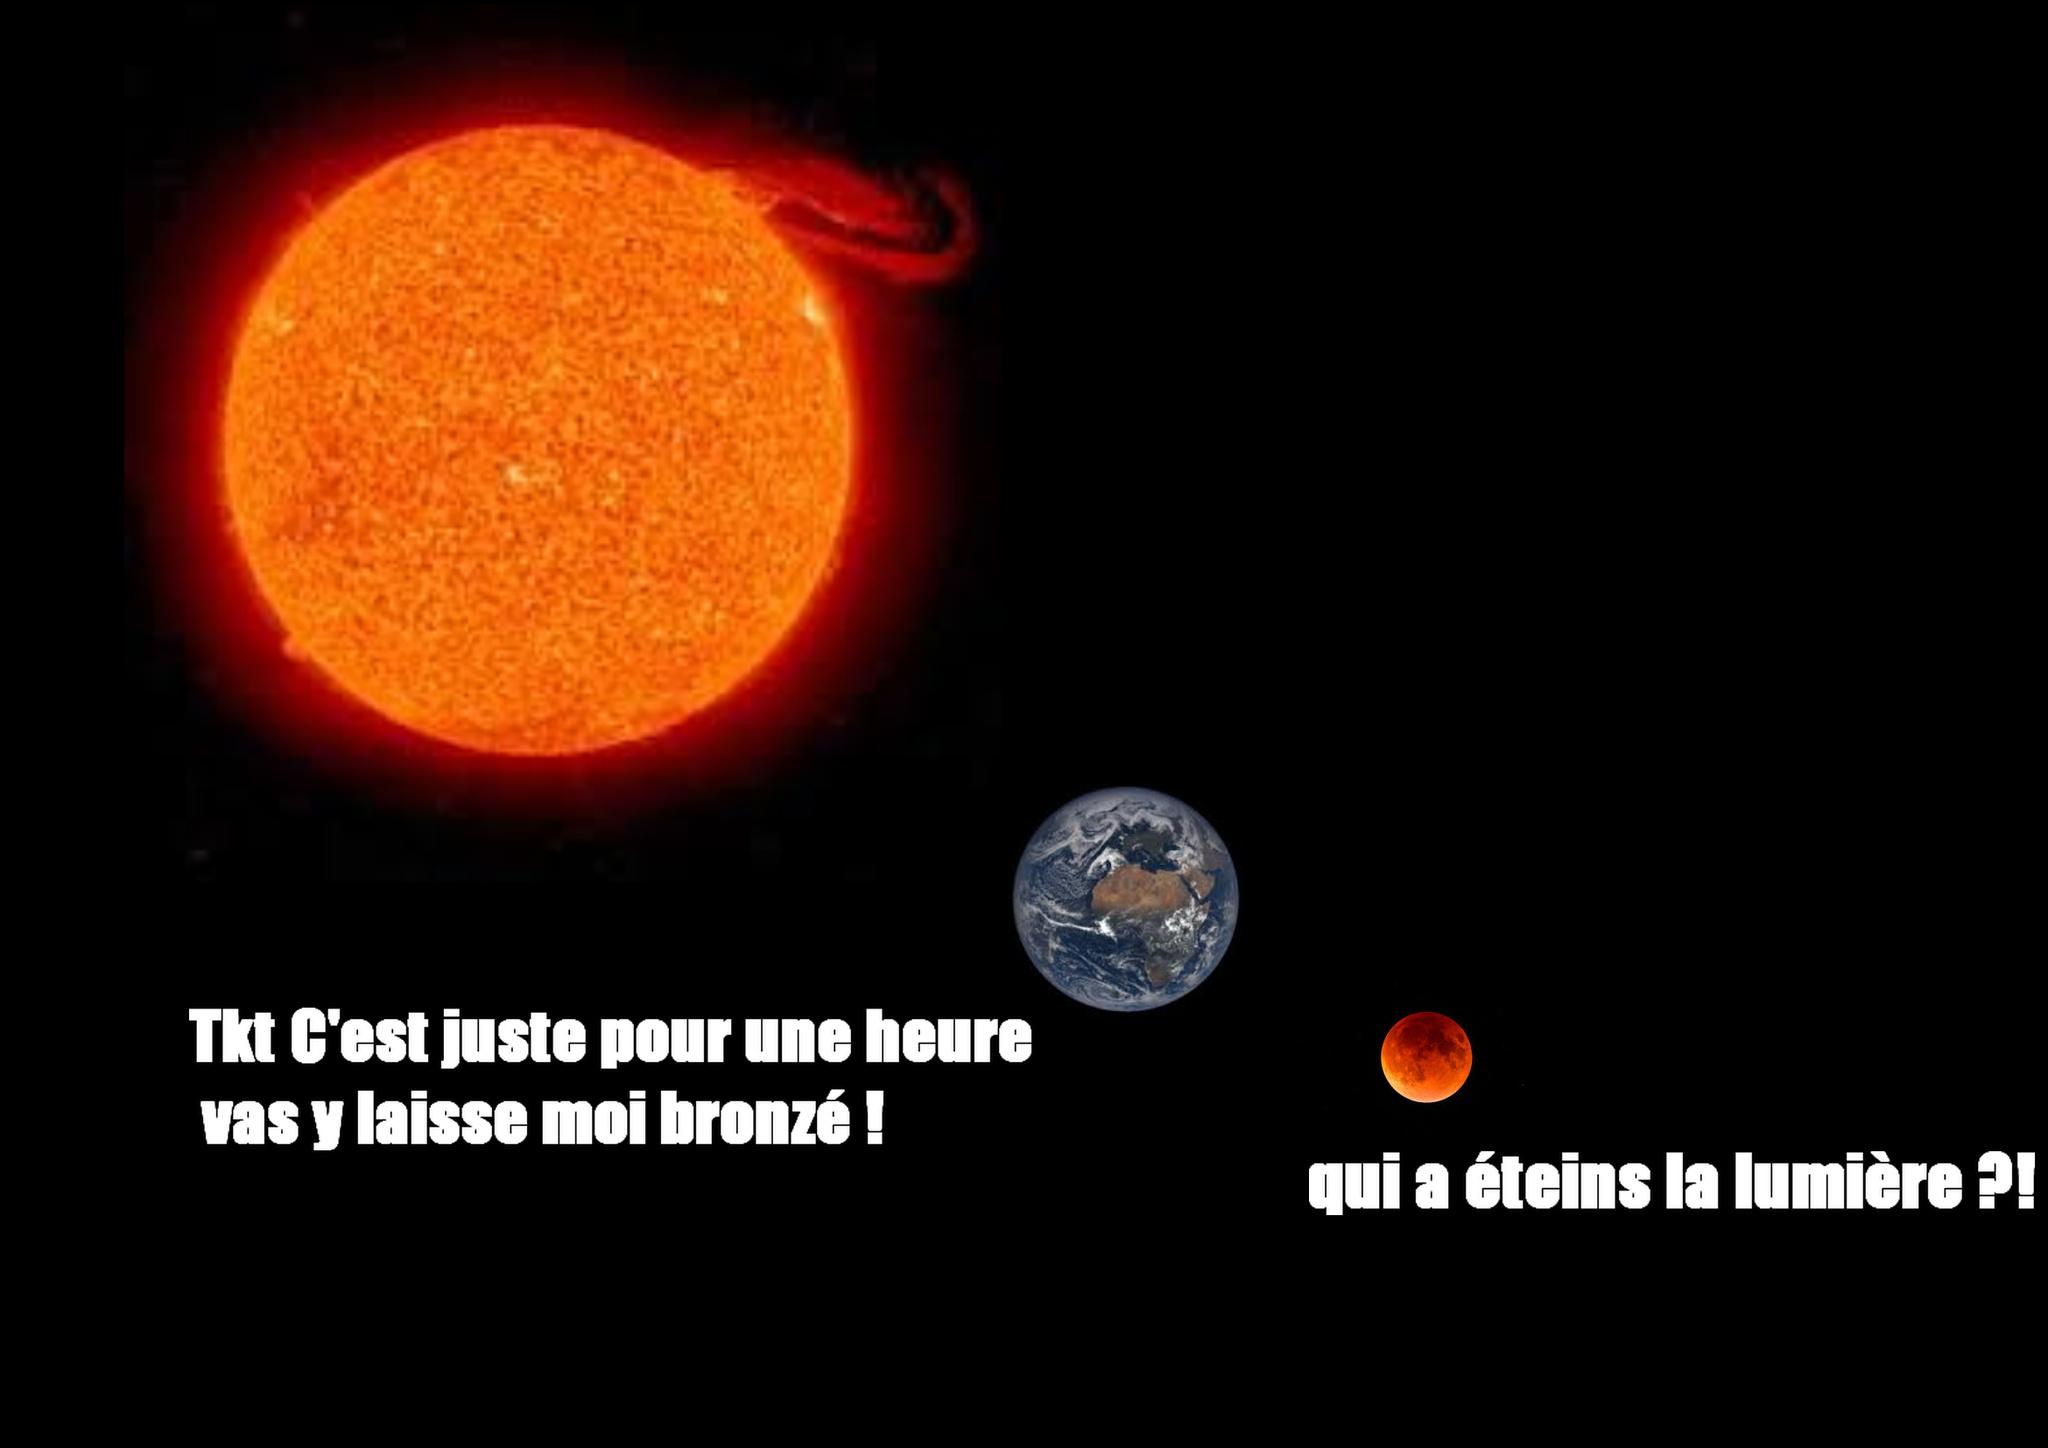 N'oubliez pas l'eclipse lunaire totale qui aura lieu le 27 juillet 2018 ^^ !!! (je sais c'est pas proportionnel mais on s'en tape) - meme